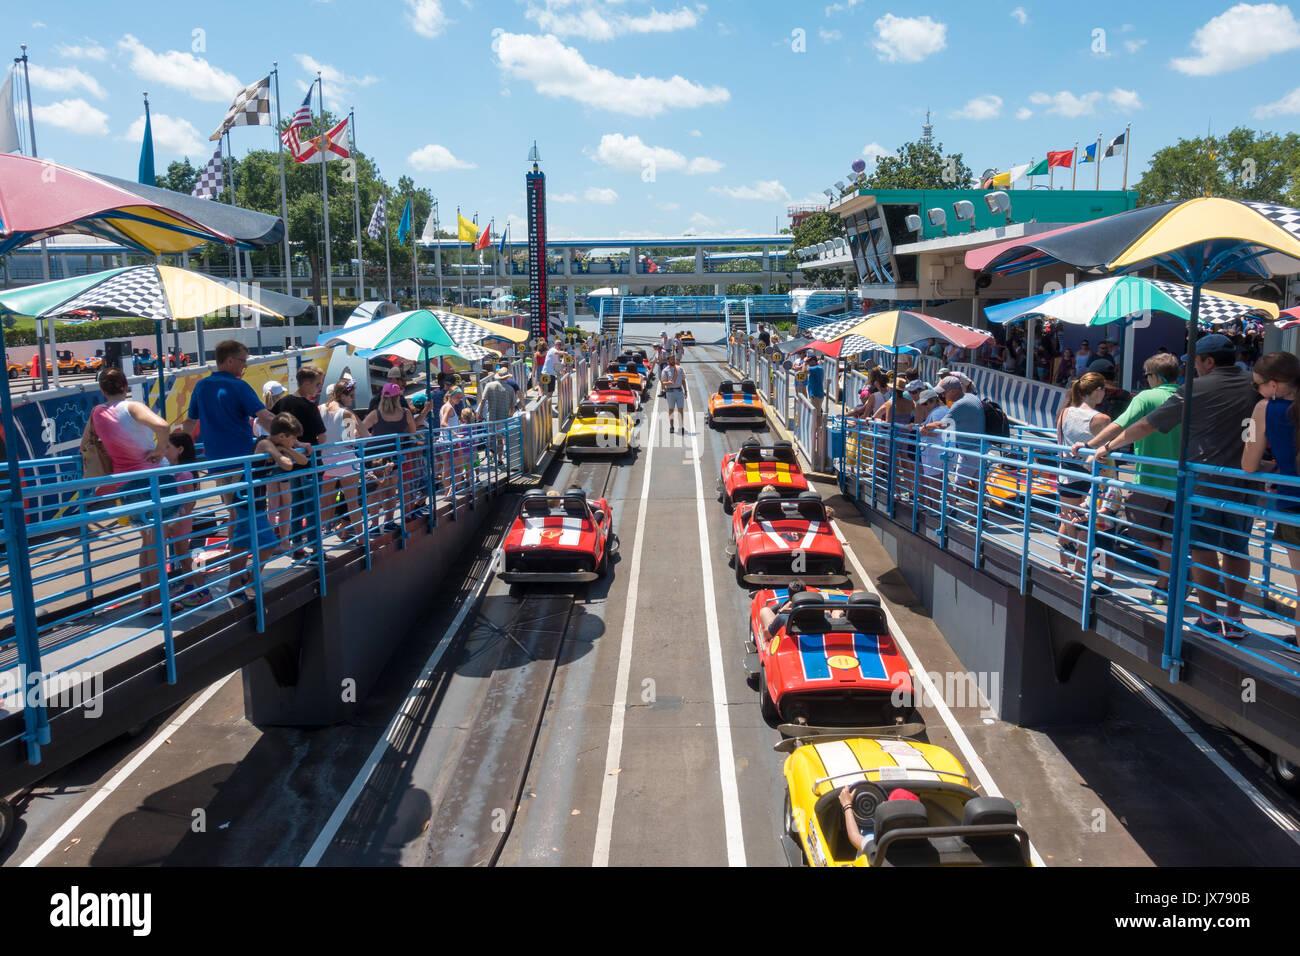 Tomorrowland Speedway en el Parque Temático Magic Kingdom, Walt Disney World, Orlando, Florida. Imagen De Stock